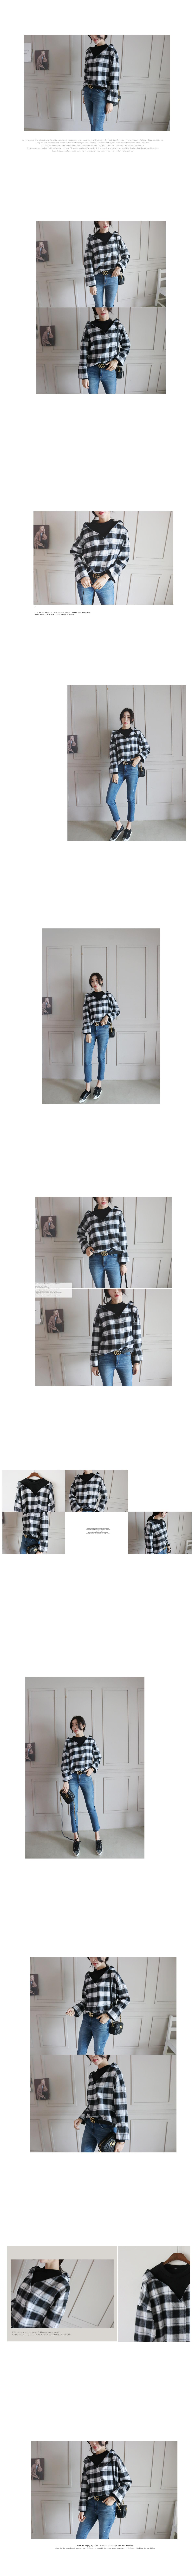 2018102301_shop1_130051.jpg